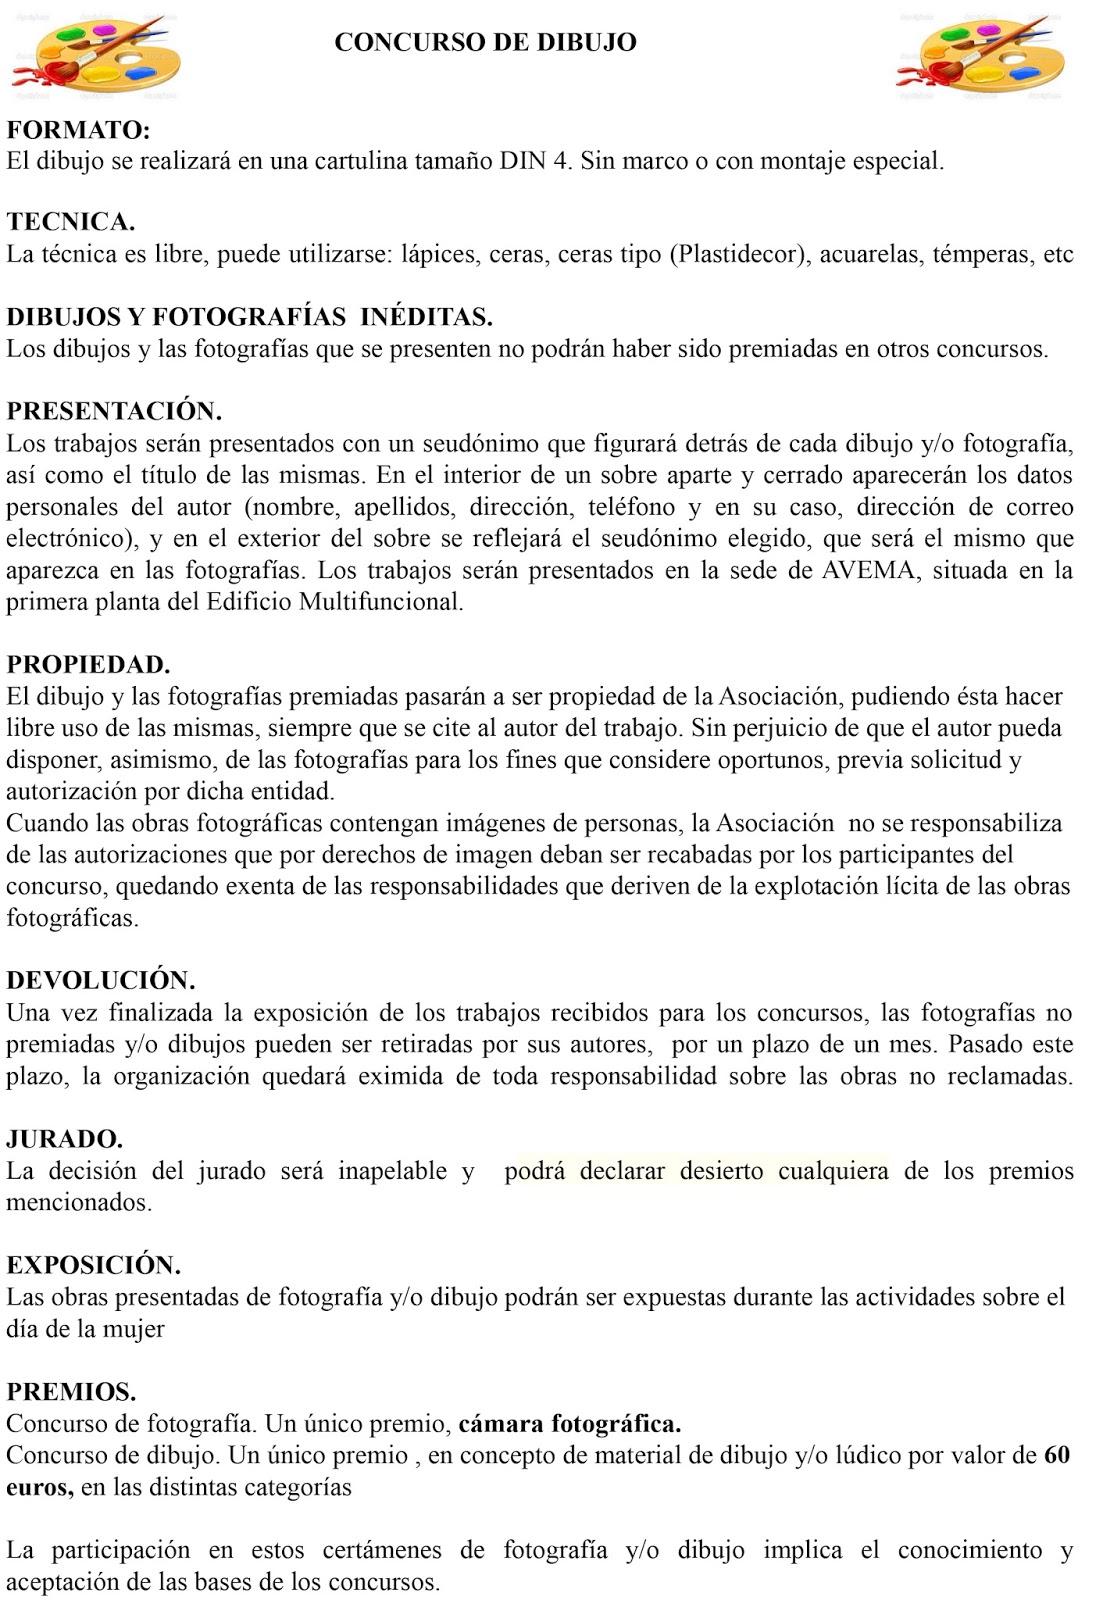 MAZAGN SEGREGACIN YA IV CONCURSO DE FOTOGRAFA Y DIBUJO